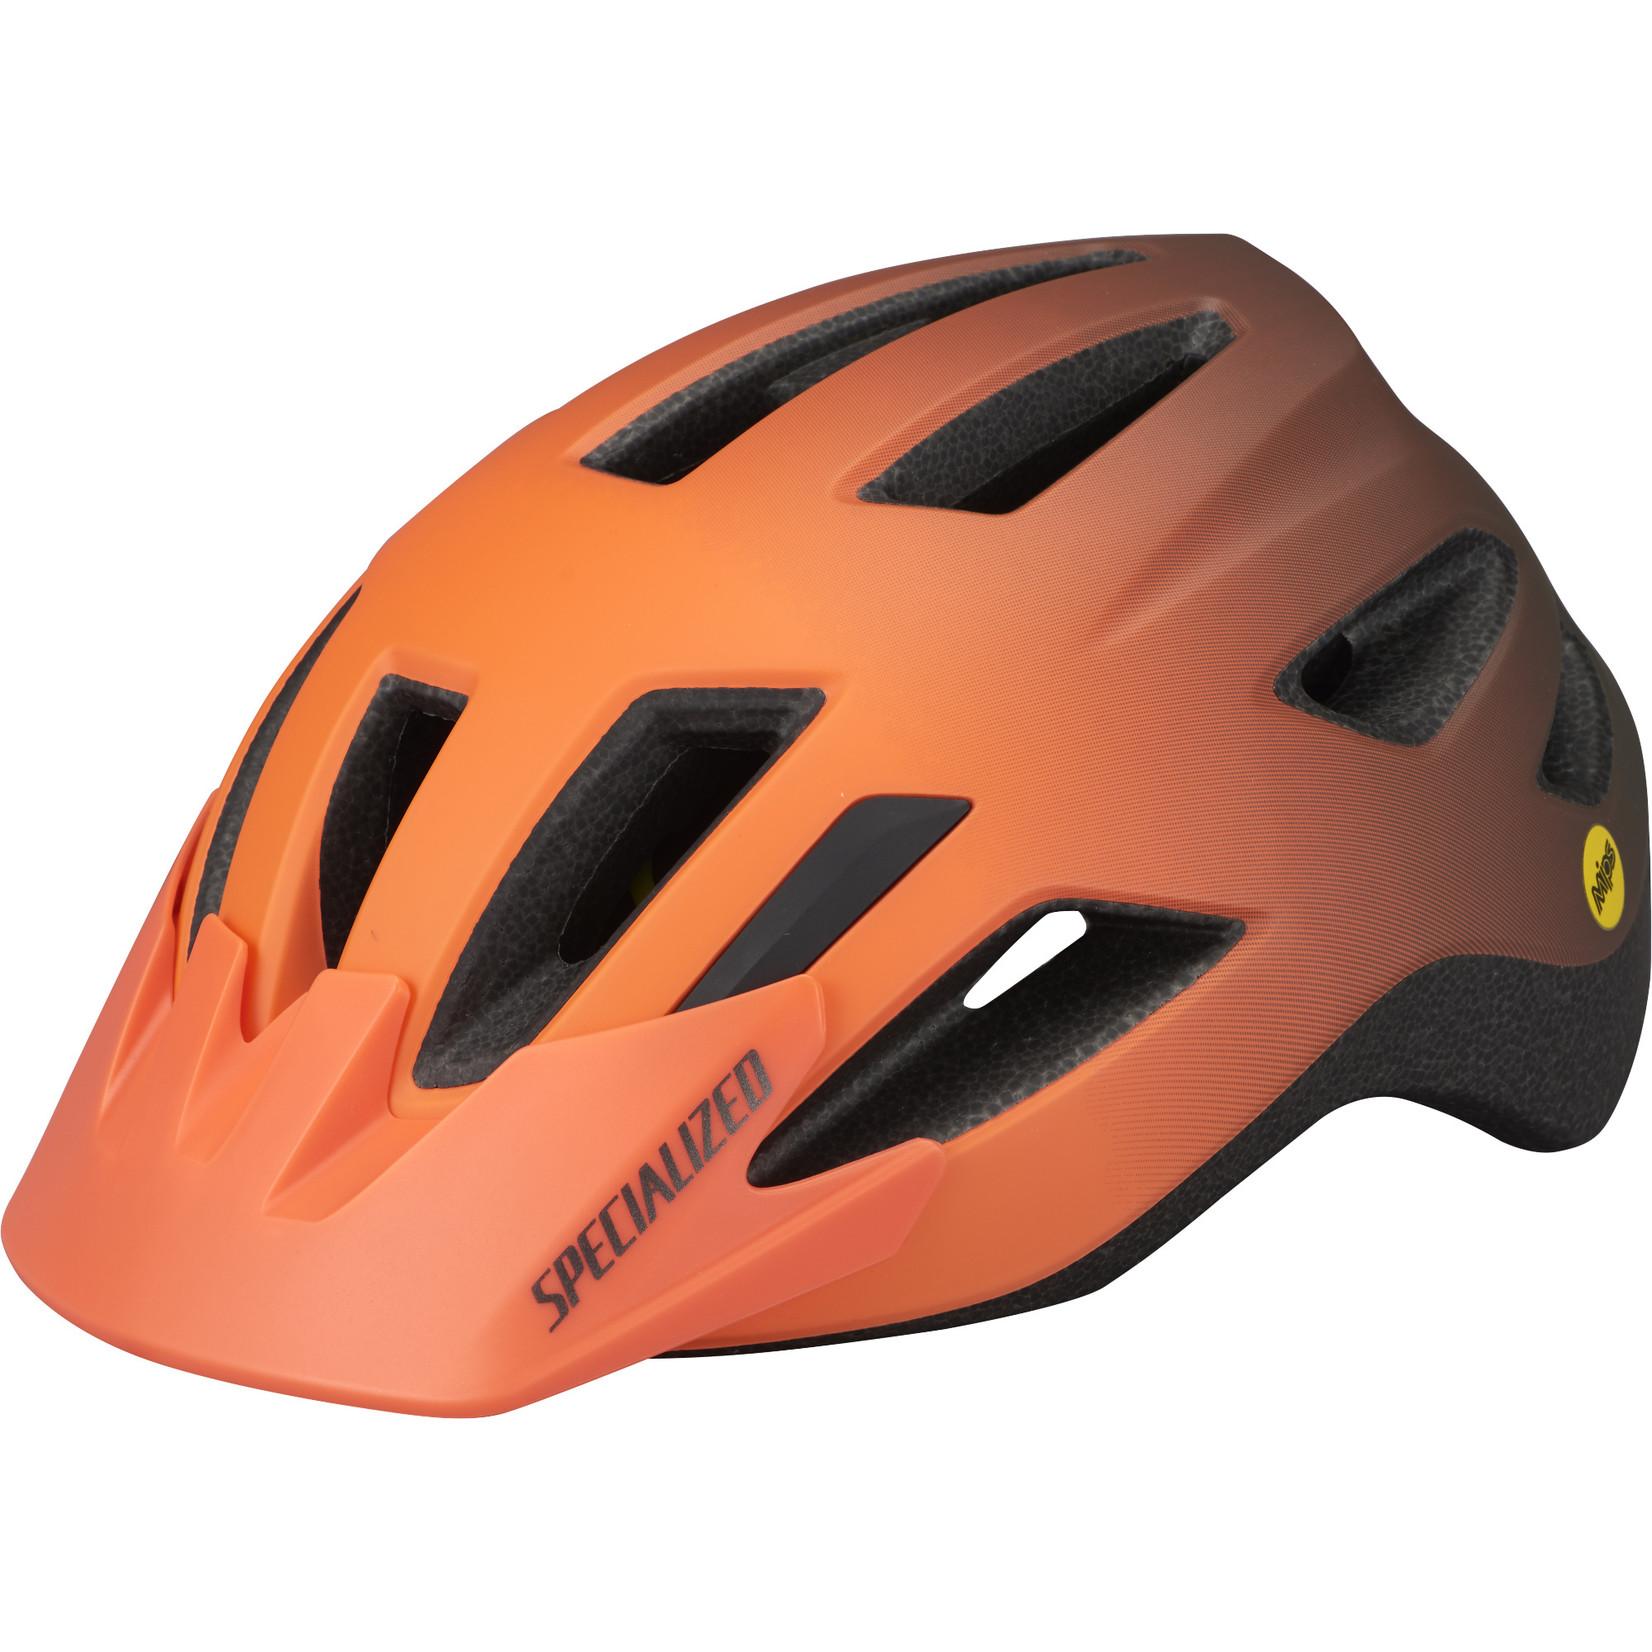 Specialized Specialized Shuffle SB Helmet, Blaze/Smoke Fade, Child